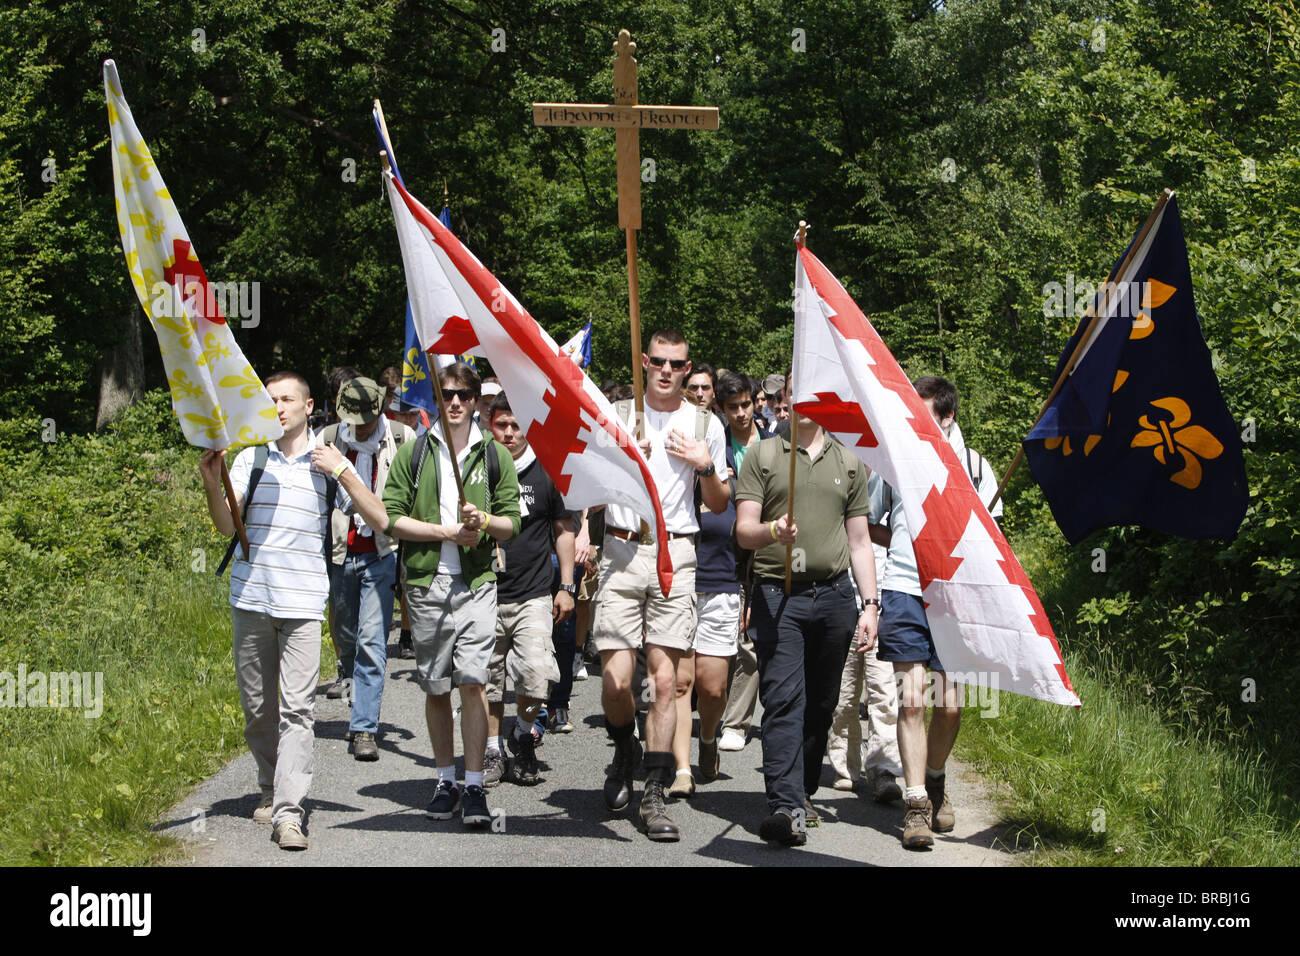 Traditionalist Catholic pilgrimage, Les Bordes, Yvelines, France - Stock Image